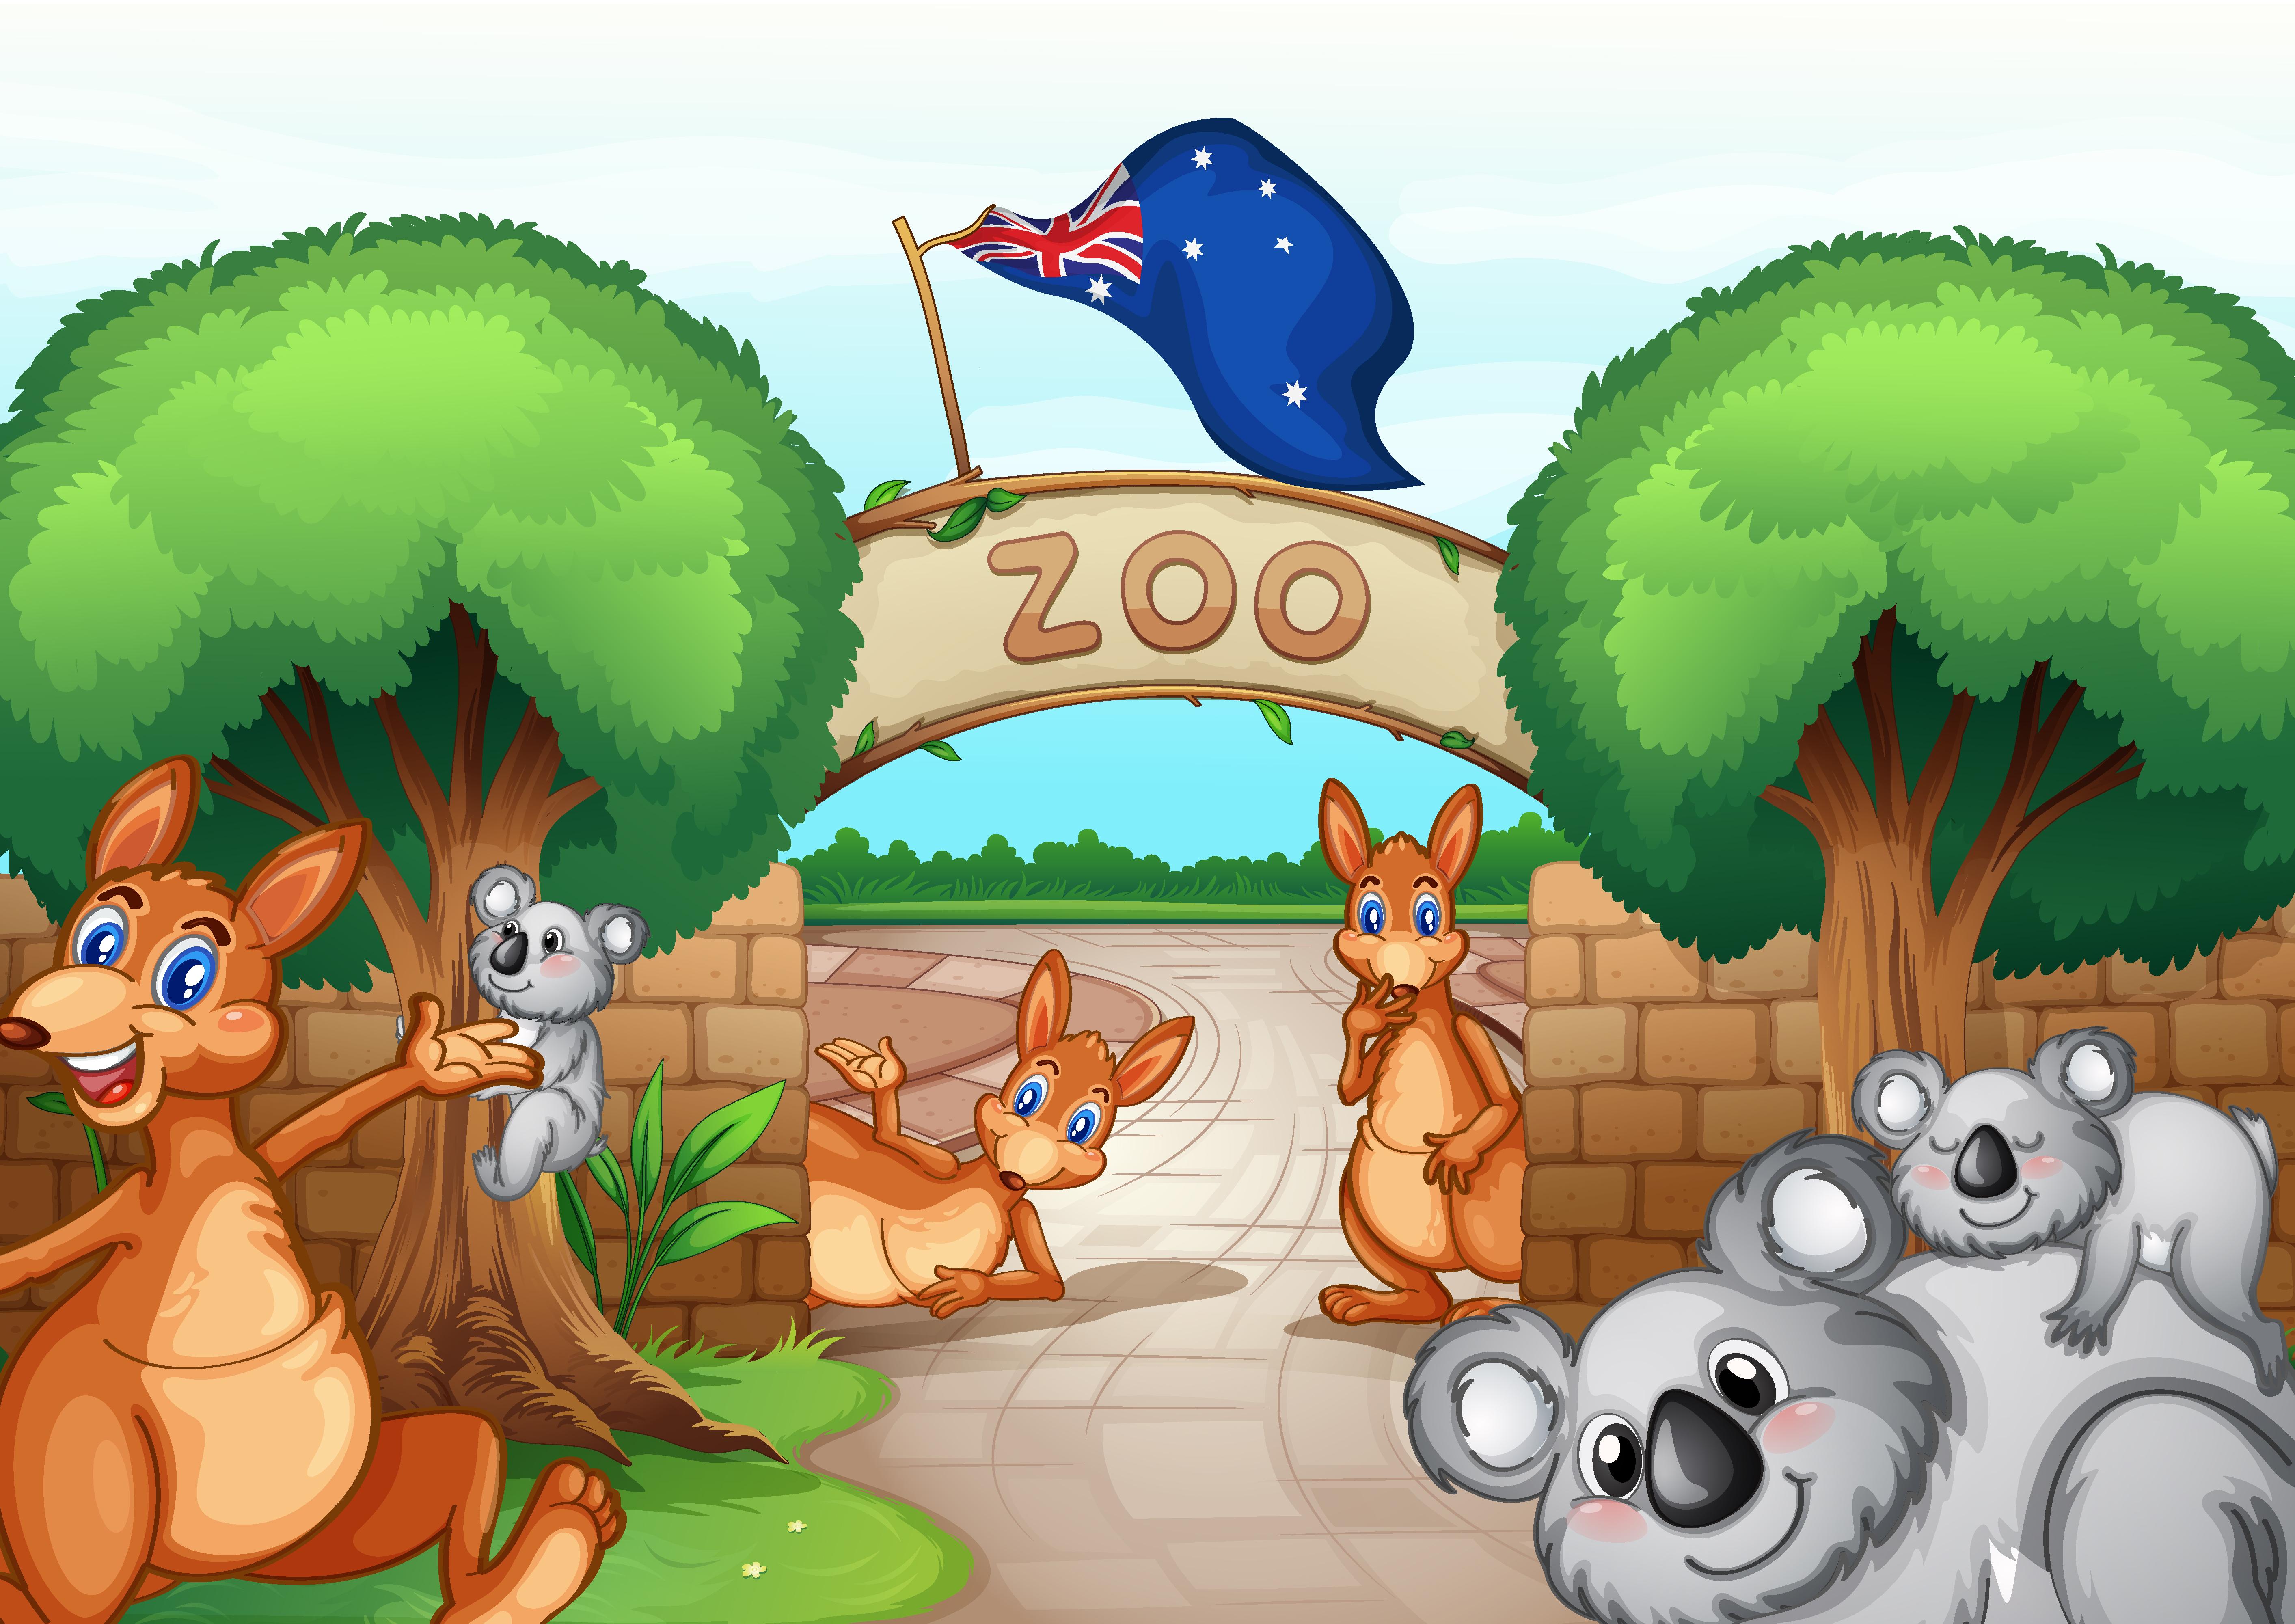 Zoo scene - Download Free Vectors, Clipart Graphics & Vector Art